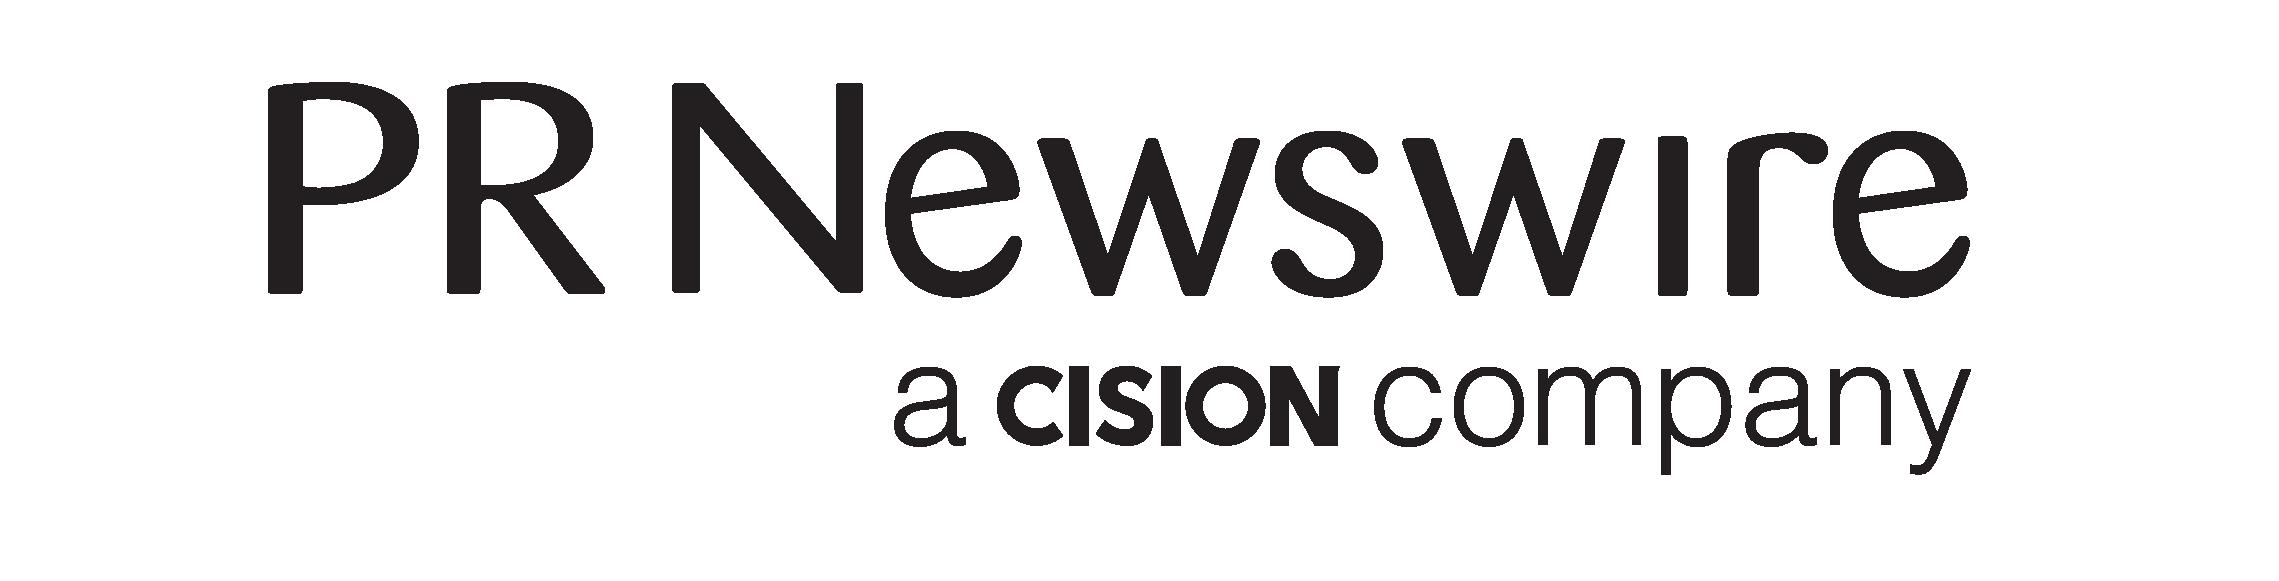 PRNewsire_Logo_PRINT_Black.png